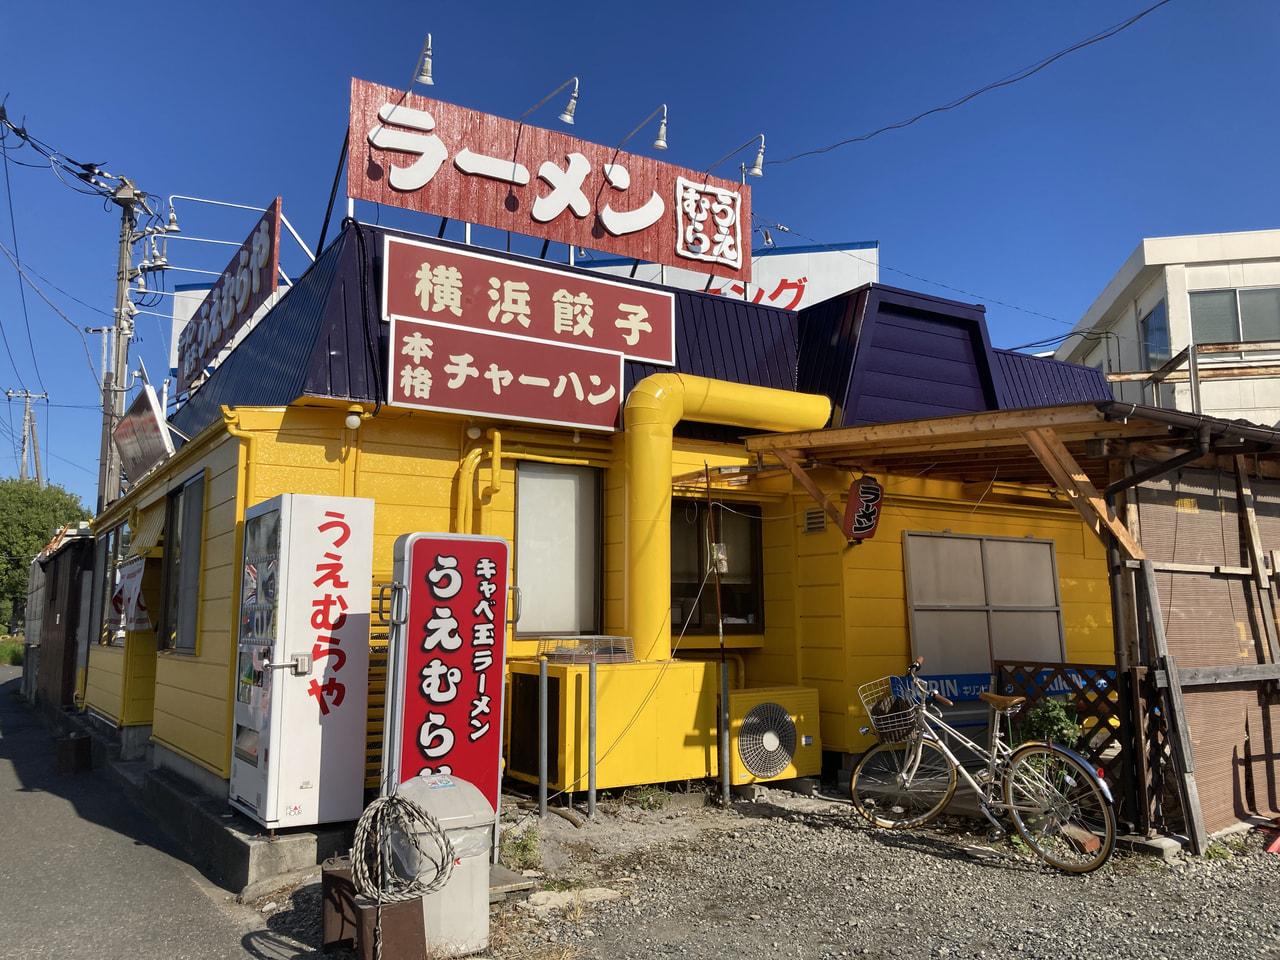 【キャベ玉ラーメン】横浜ラーメン厨房〈うえむらや〉には地元農家直送野菜が豪快にのった家系ラーメンがありました!